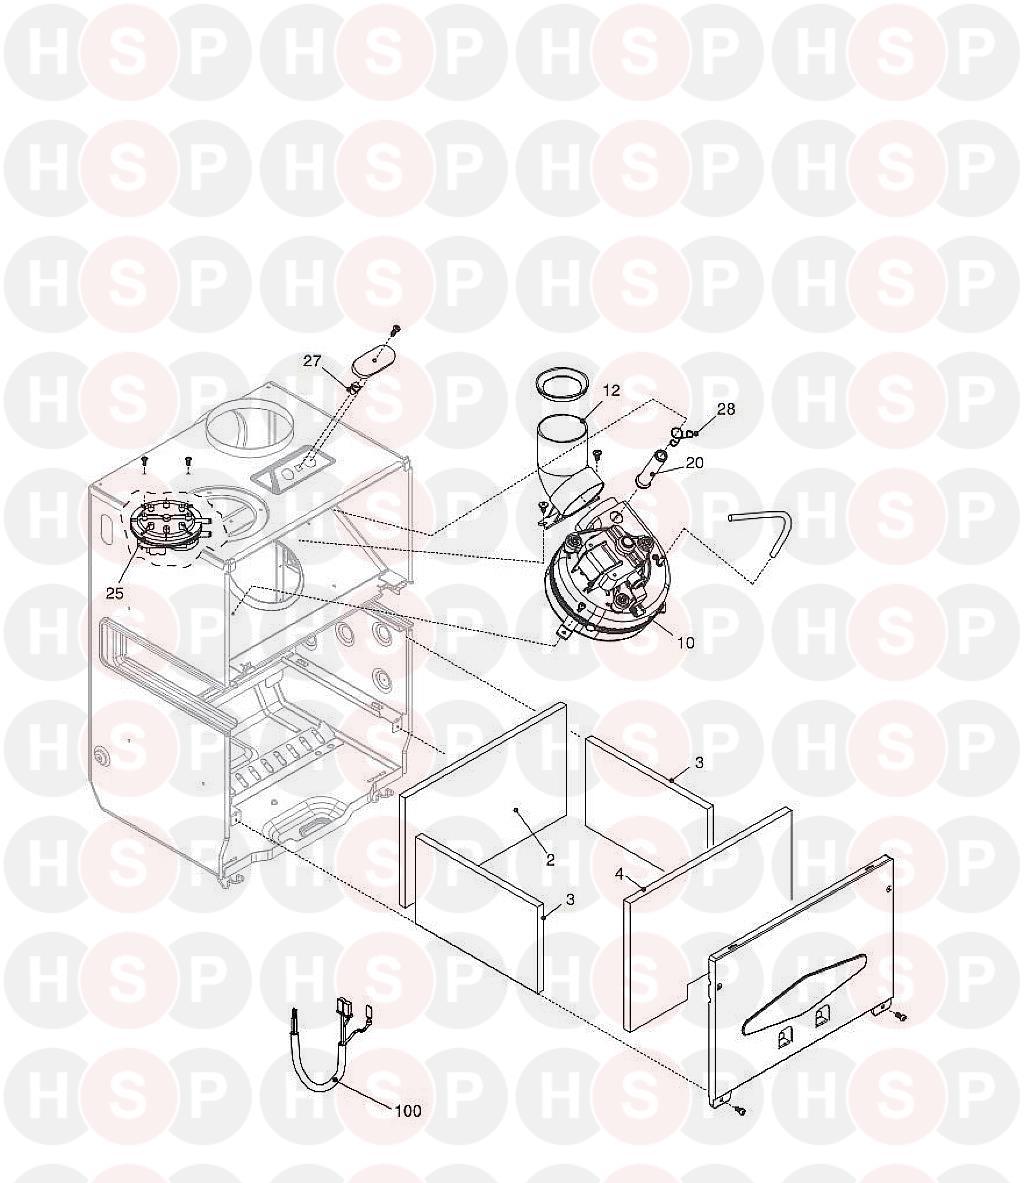 vokera compact 28 appliance diagram  fan